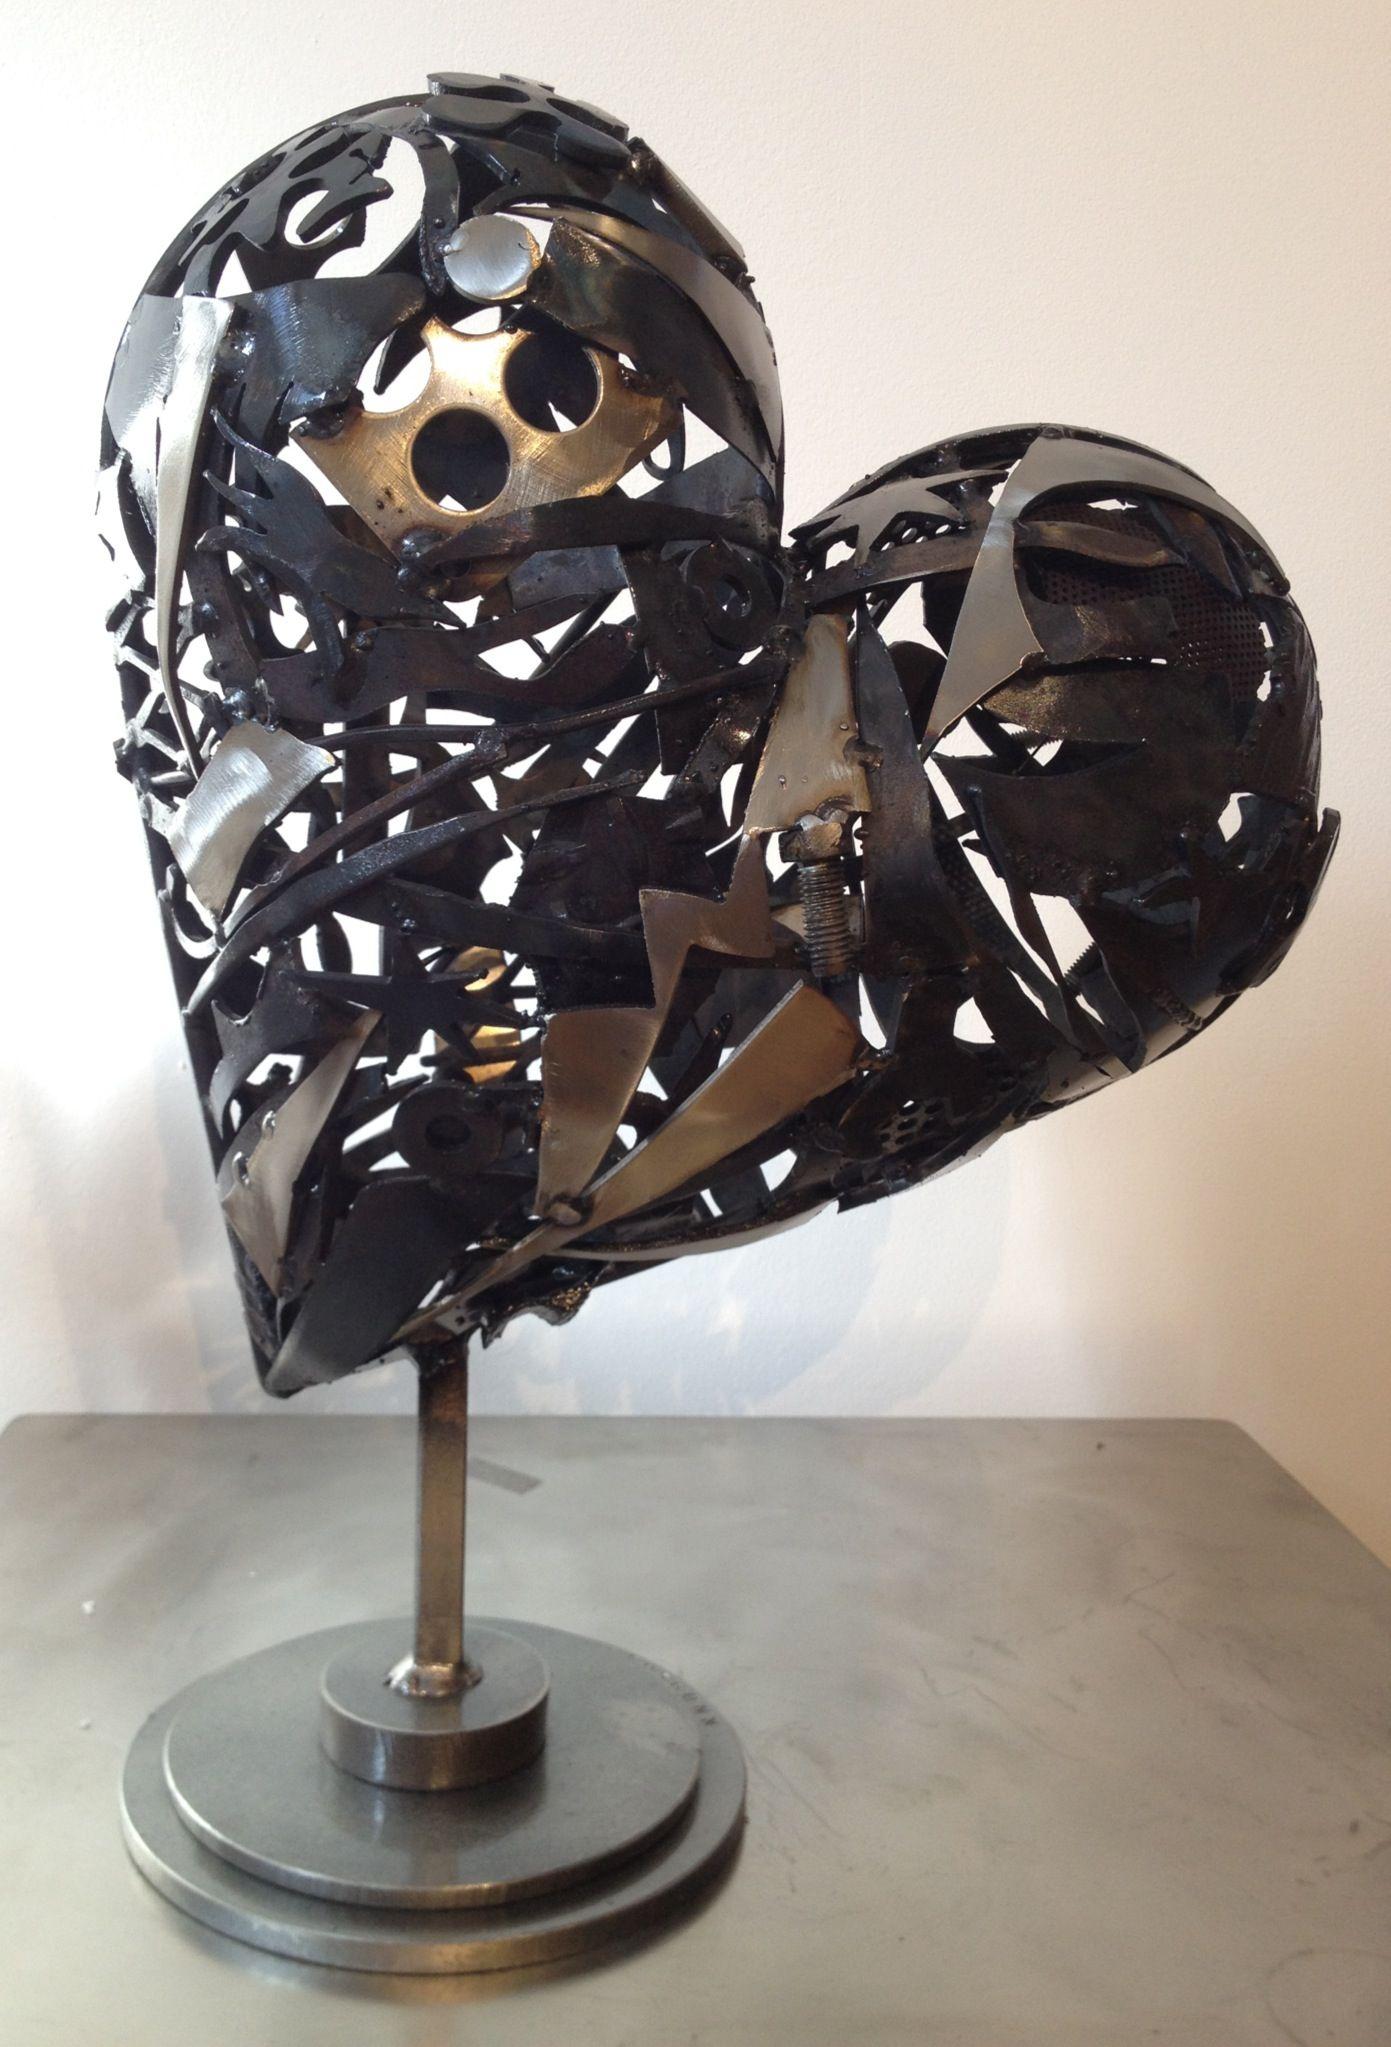 Steel Heart Sculpture 2013 Steel Sculpture Sculpture Steel